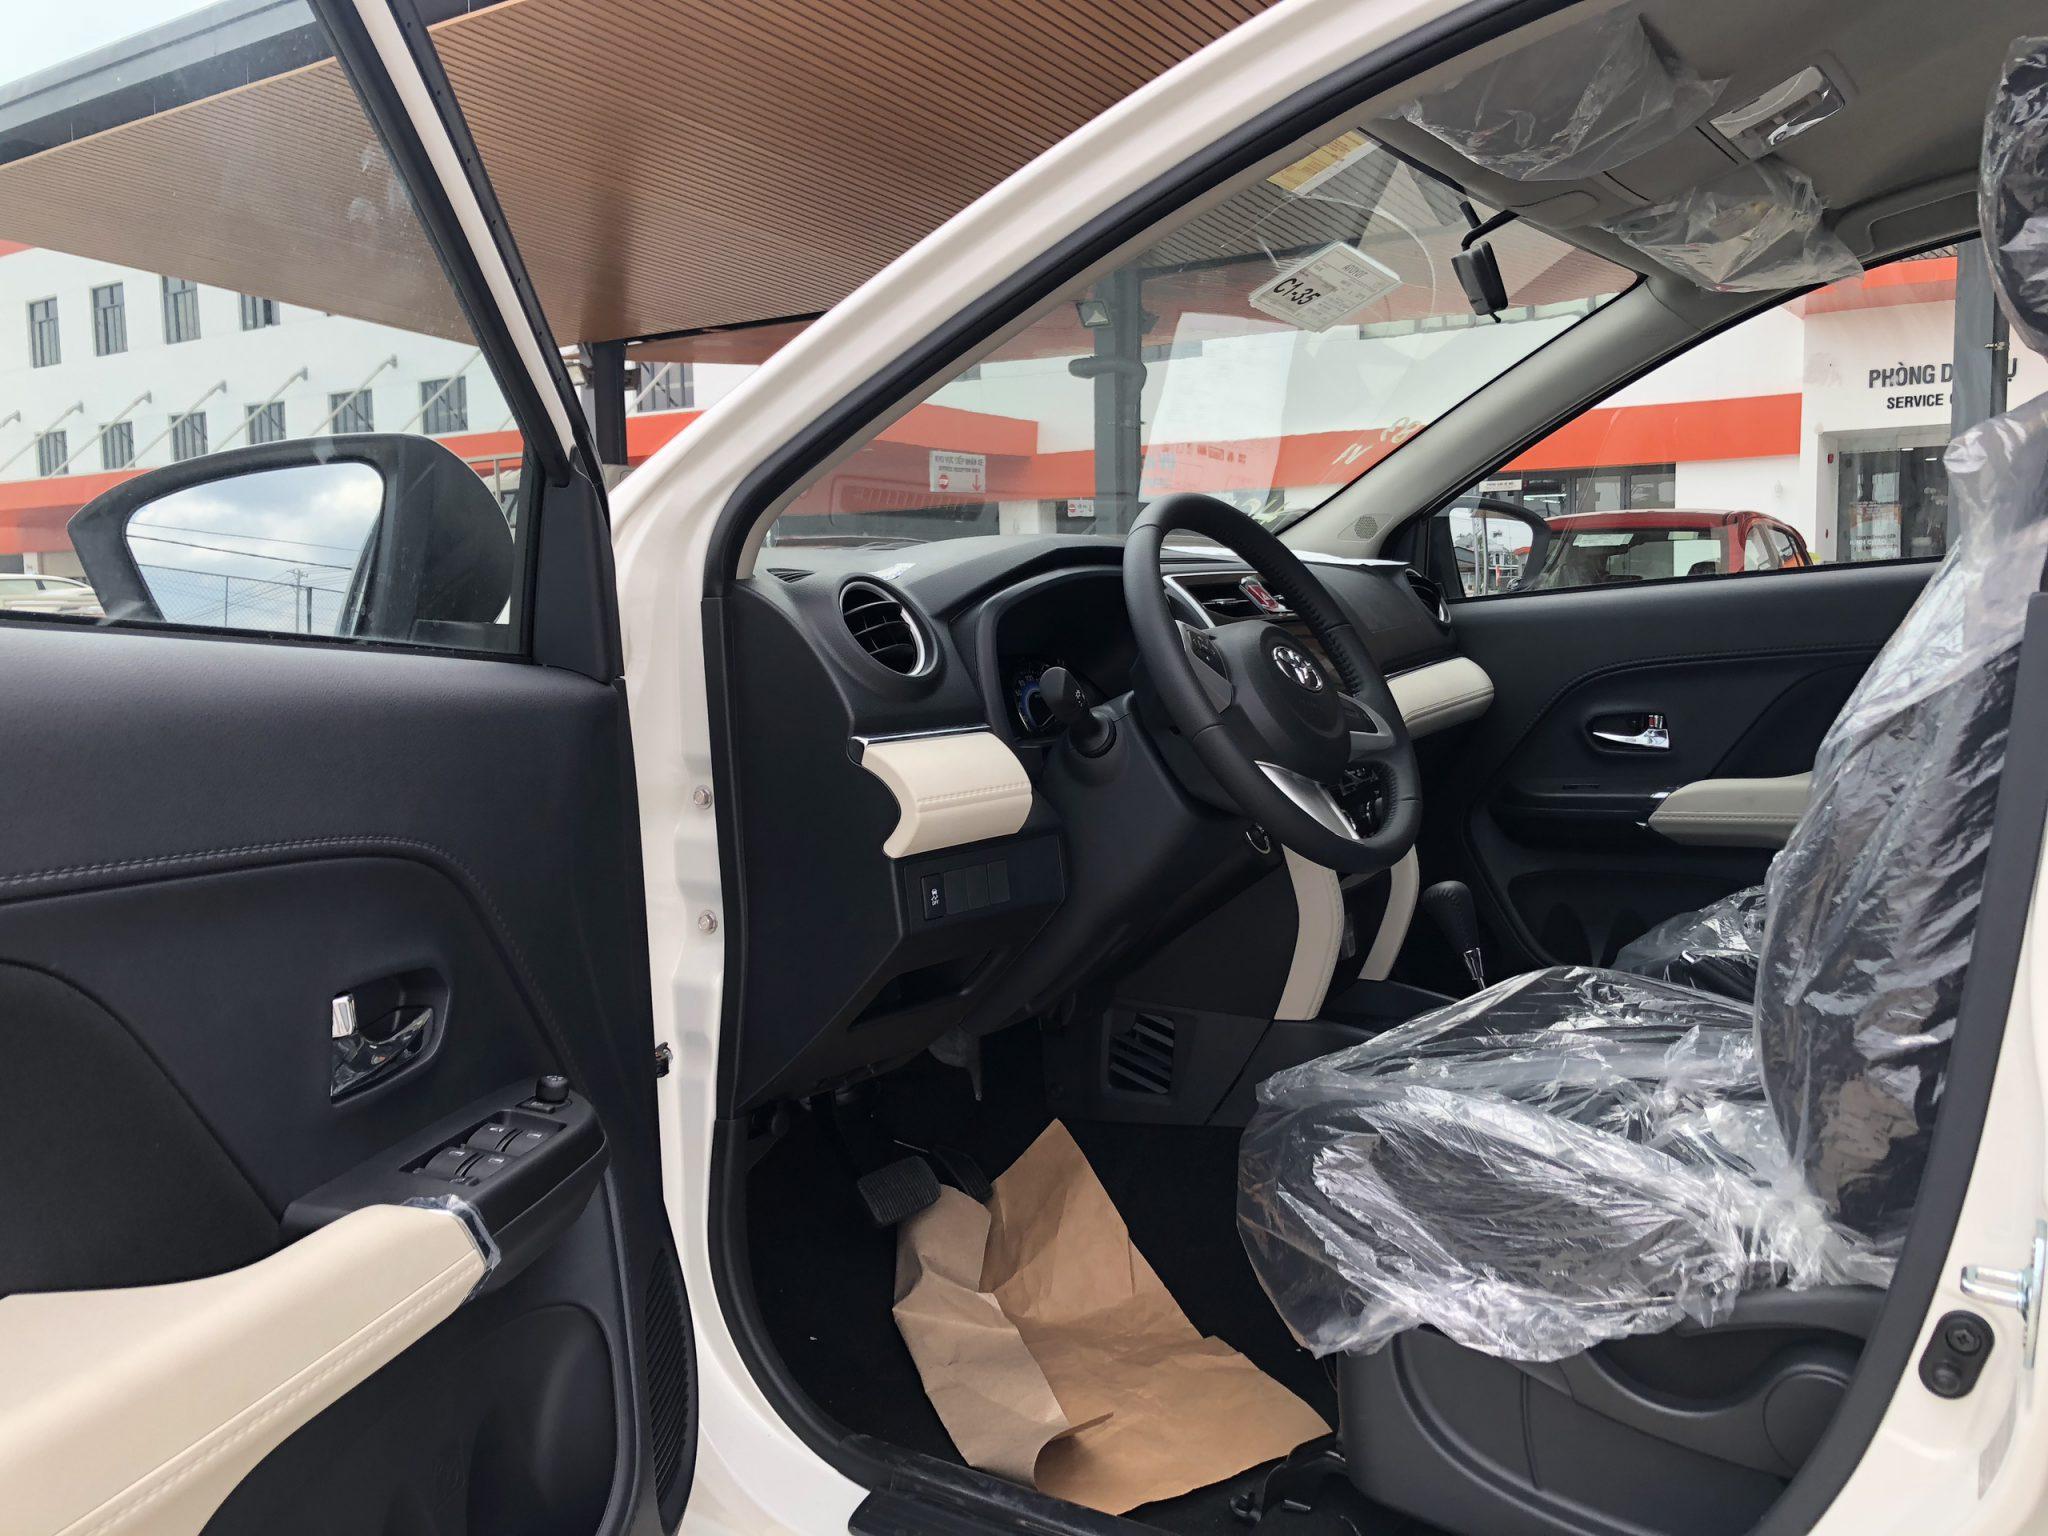 Toyota Avanza 1.3 MT ảnh 6 - Avanza 1.3 MT [hienthinam] (số sàn): giá xe và khuyến mãi